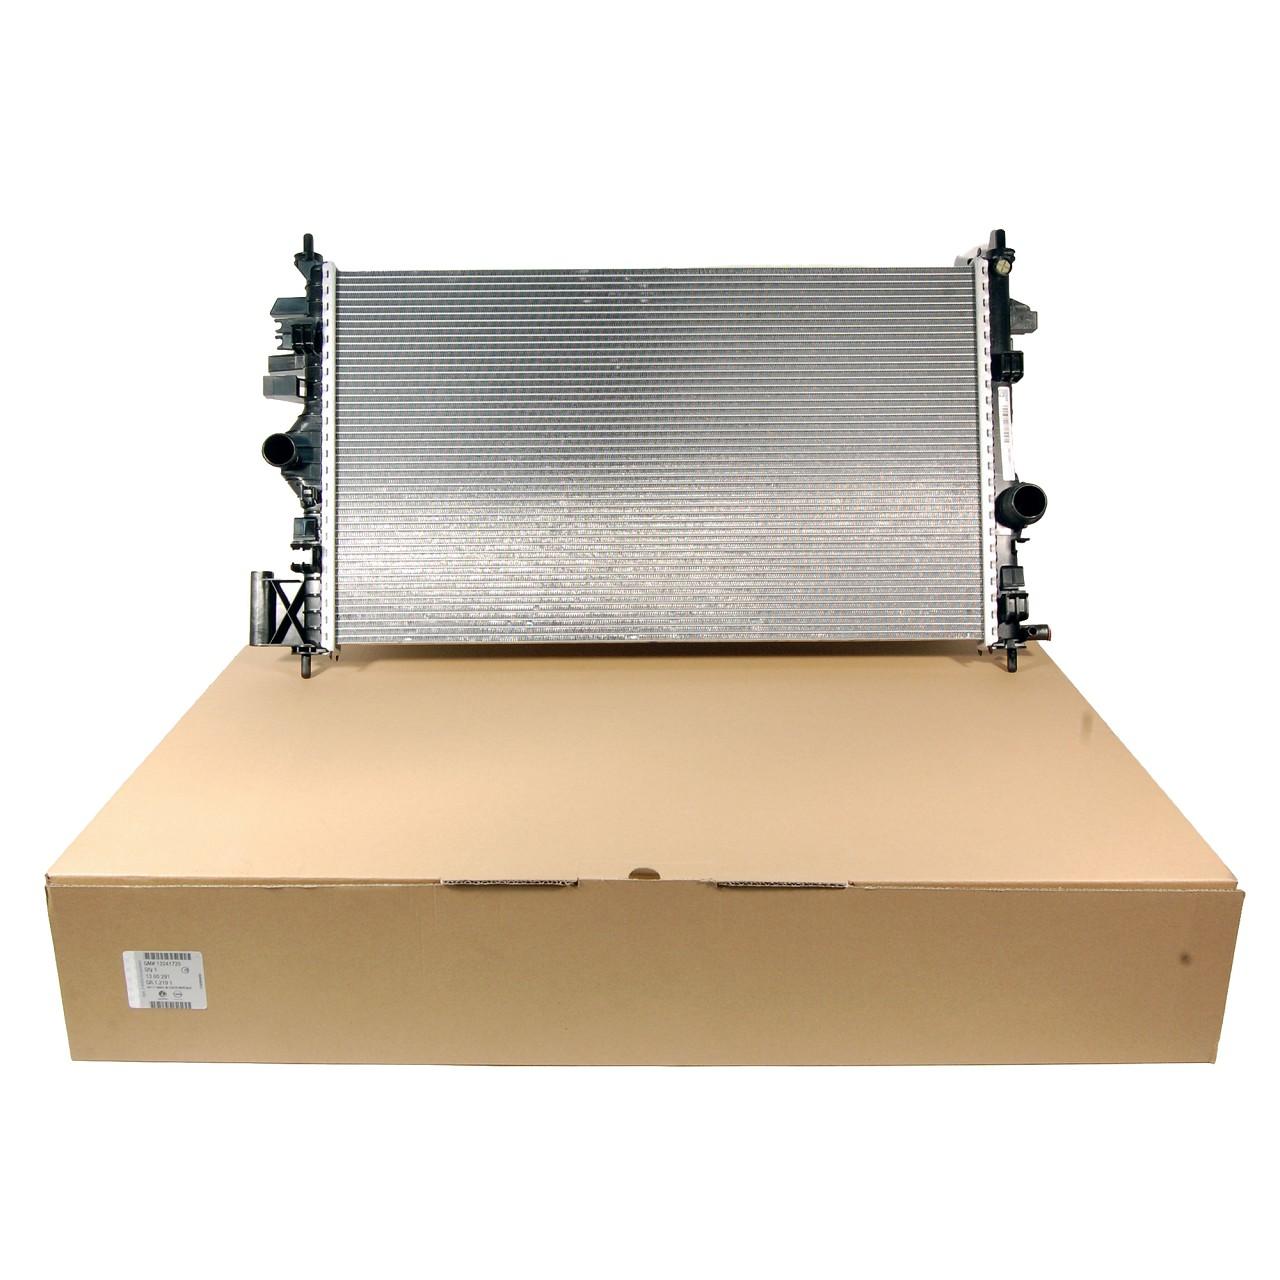 ORIGINAL Opel Kühler Motorkühler Wasserkühler INSIGNIA 1.6CDTi 2.0CDTI 13241725